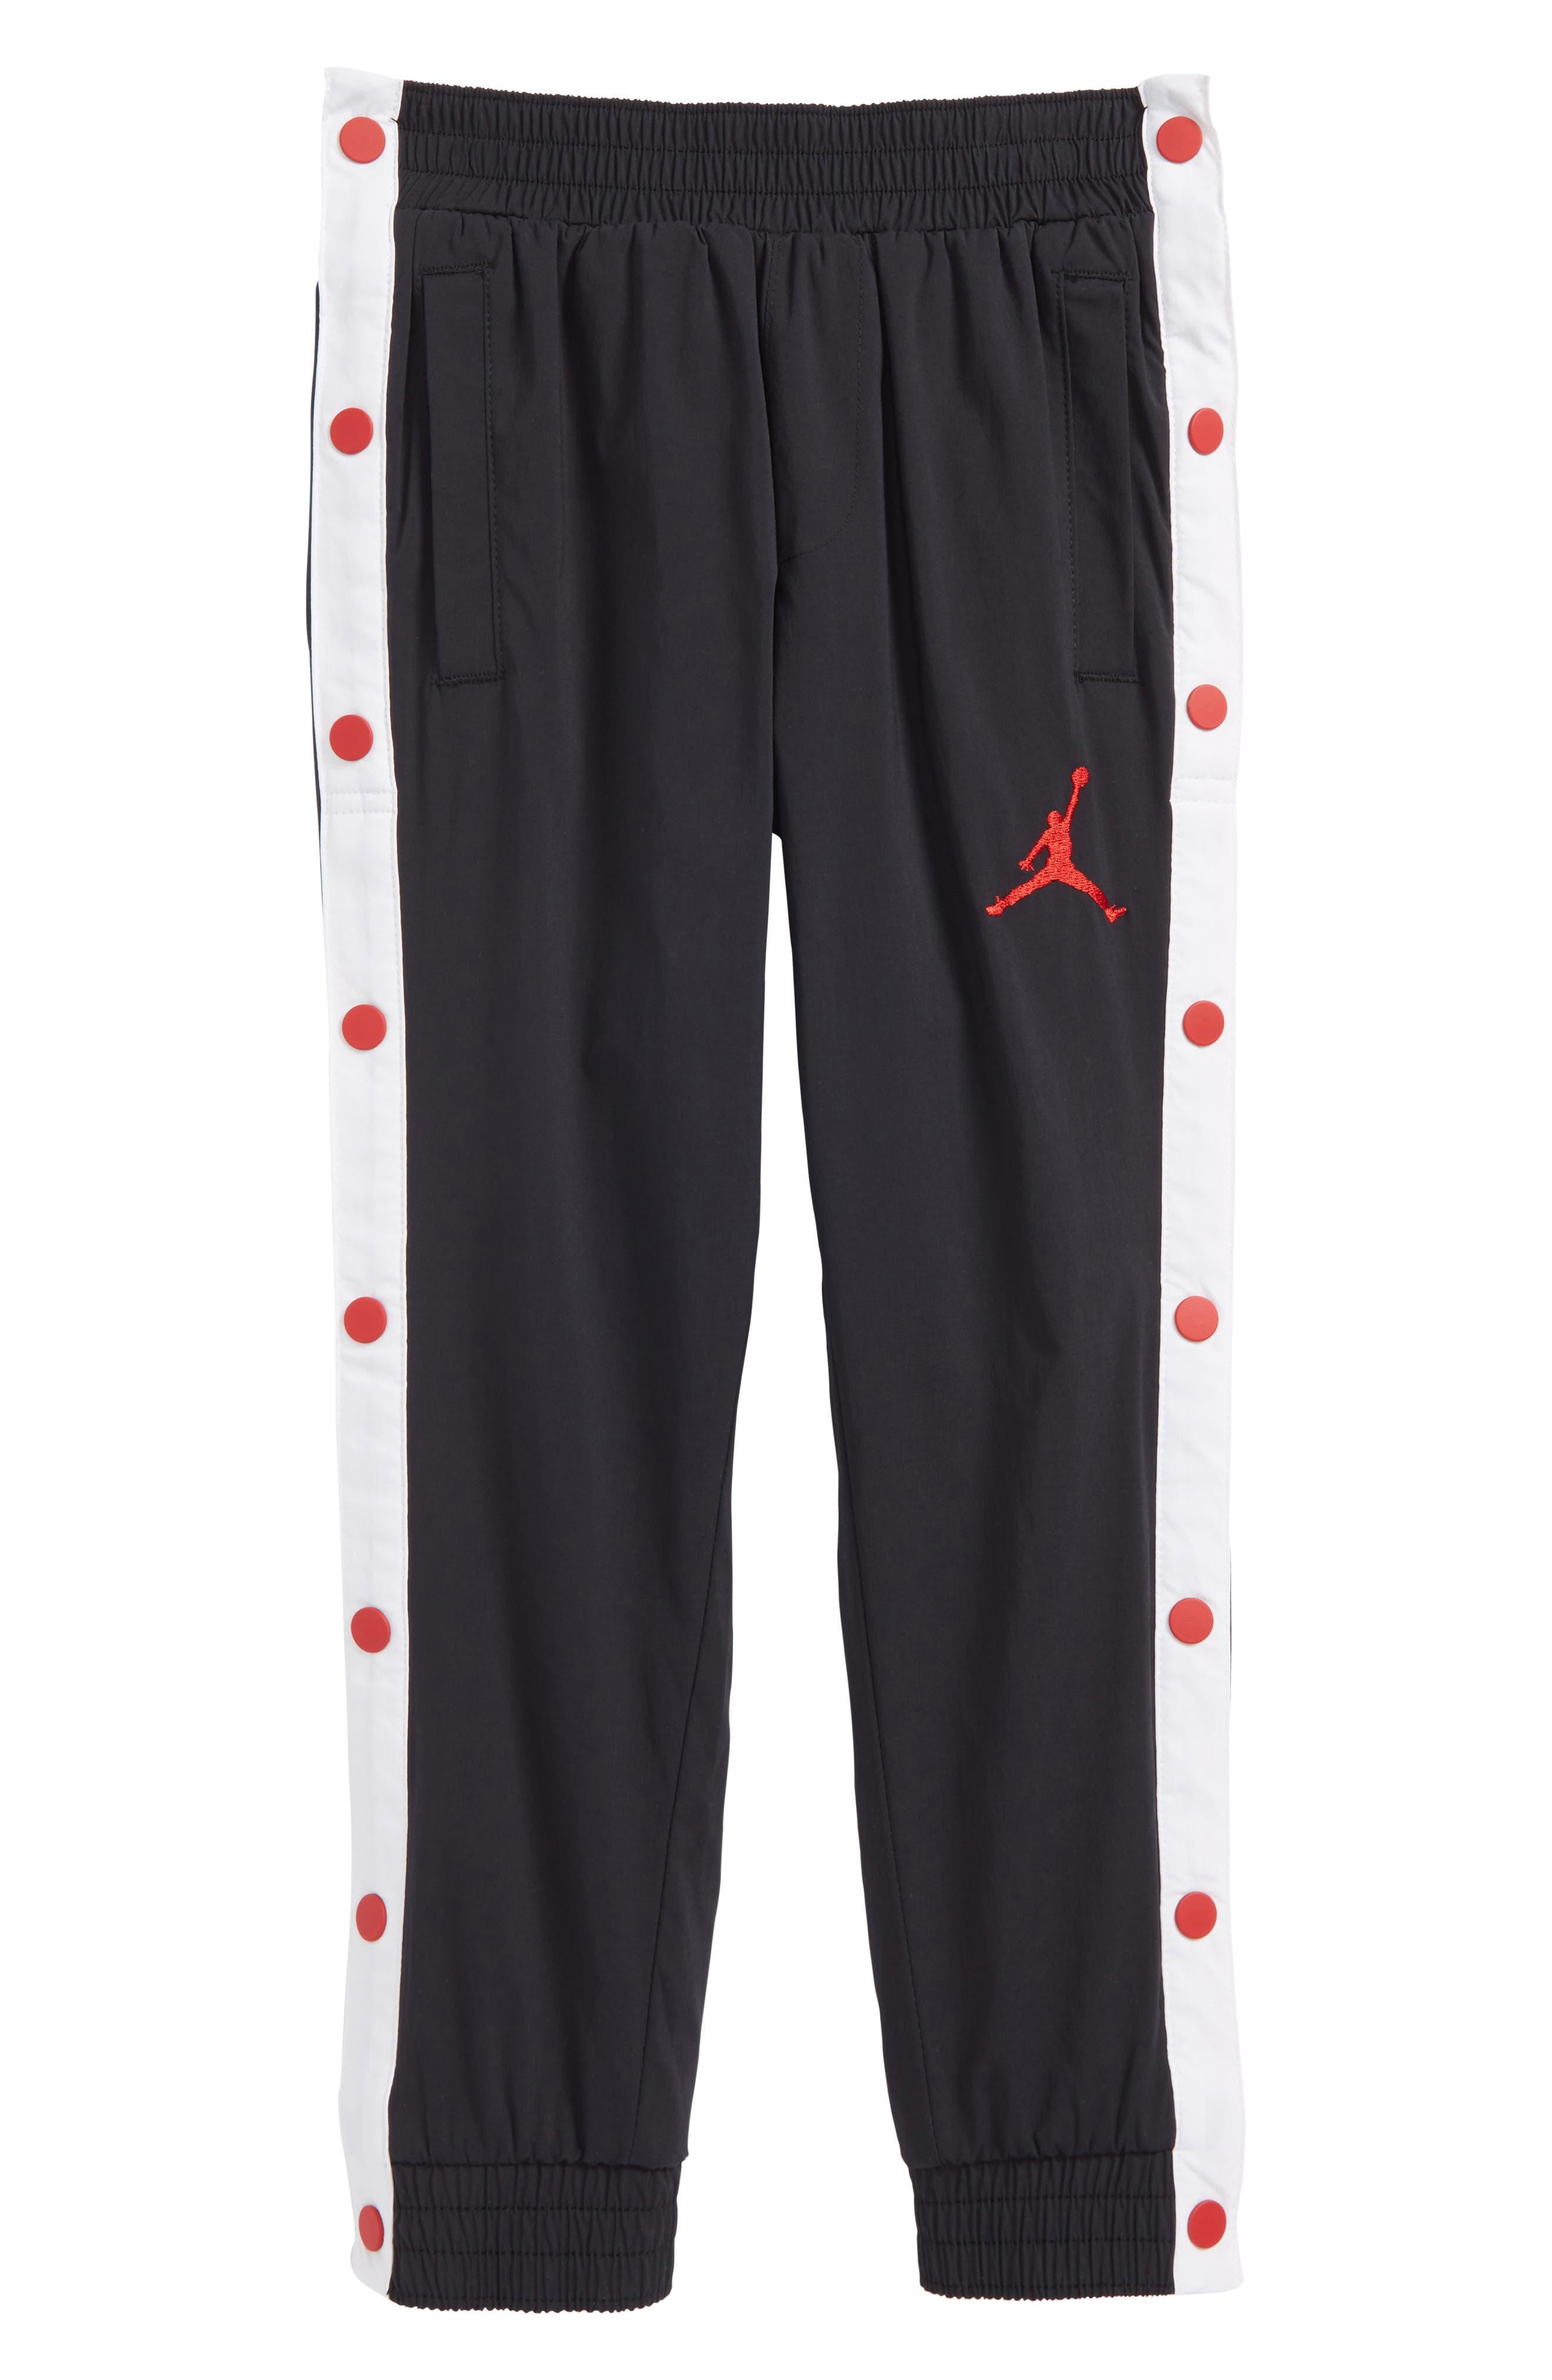 Jordan AJ '90s Snapaway Sweatpants,                         Main,                         color, Black